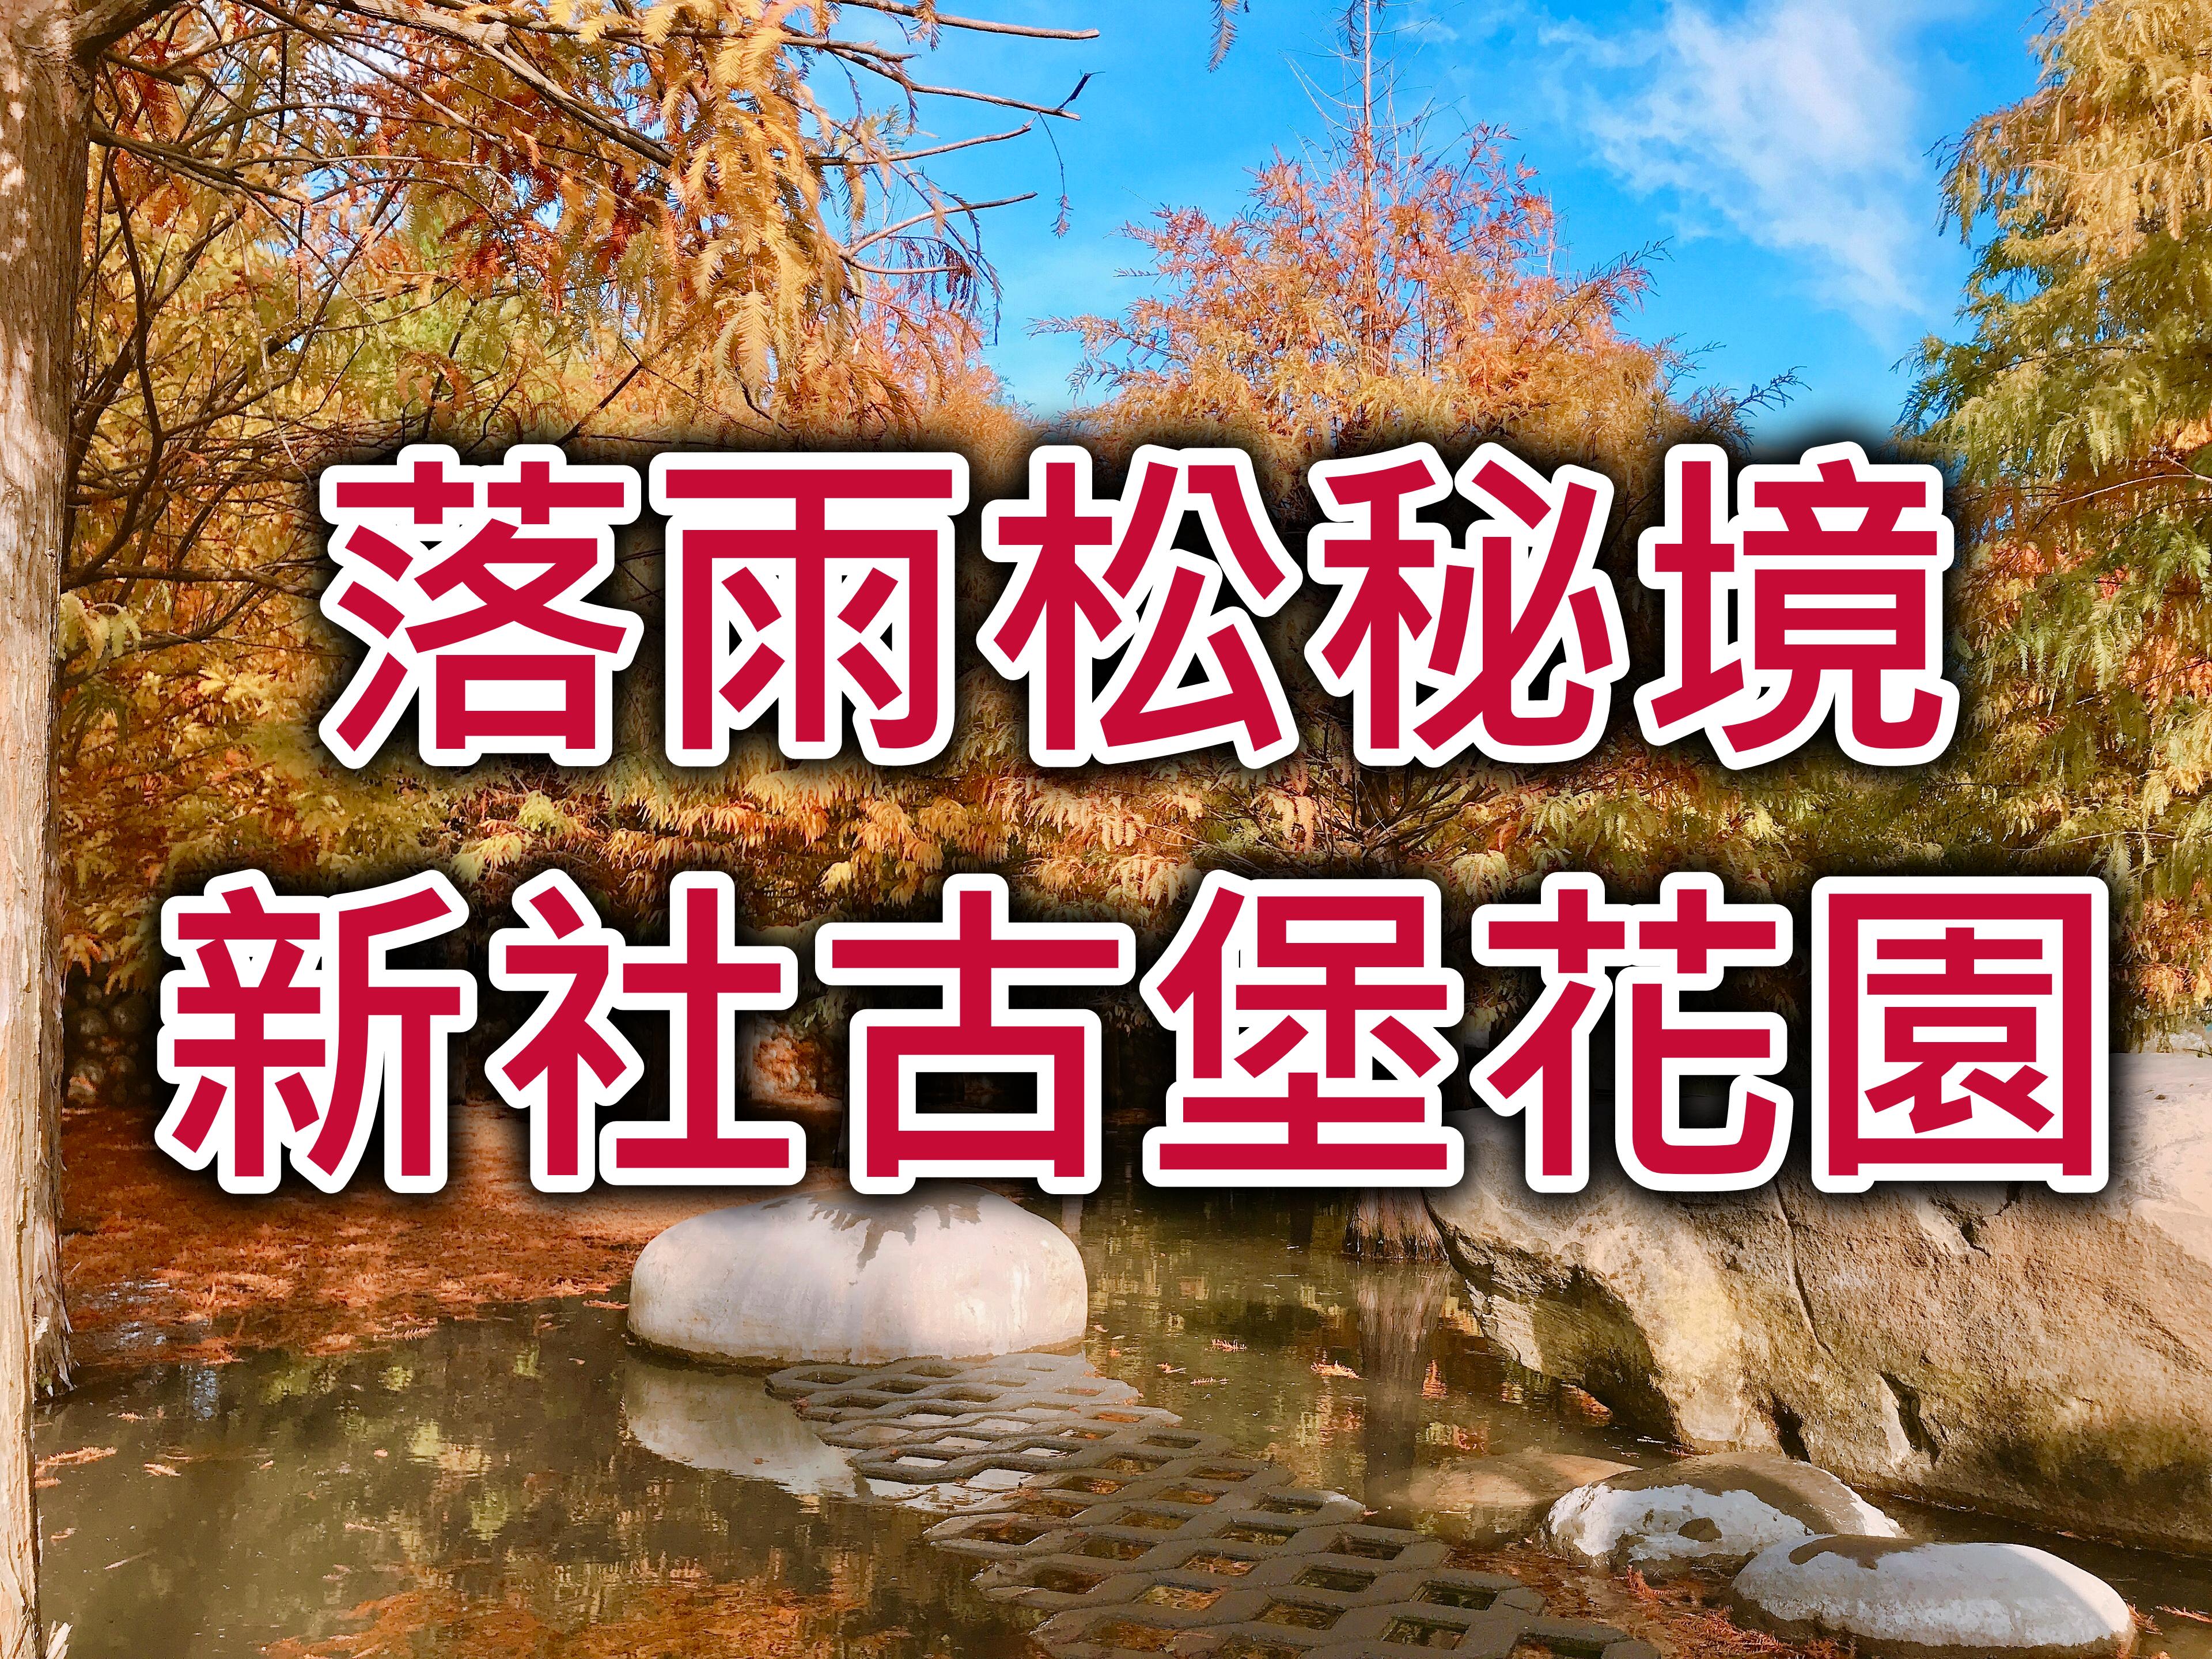 🍁【落羽松秘境】秋風化羽探古堡 台中泰安新社一日遊(TCH04)